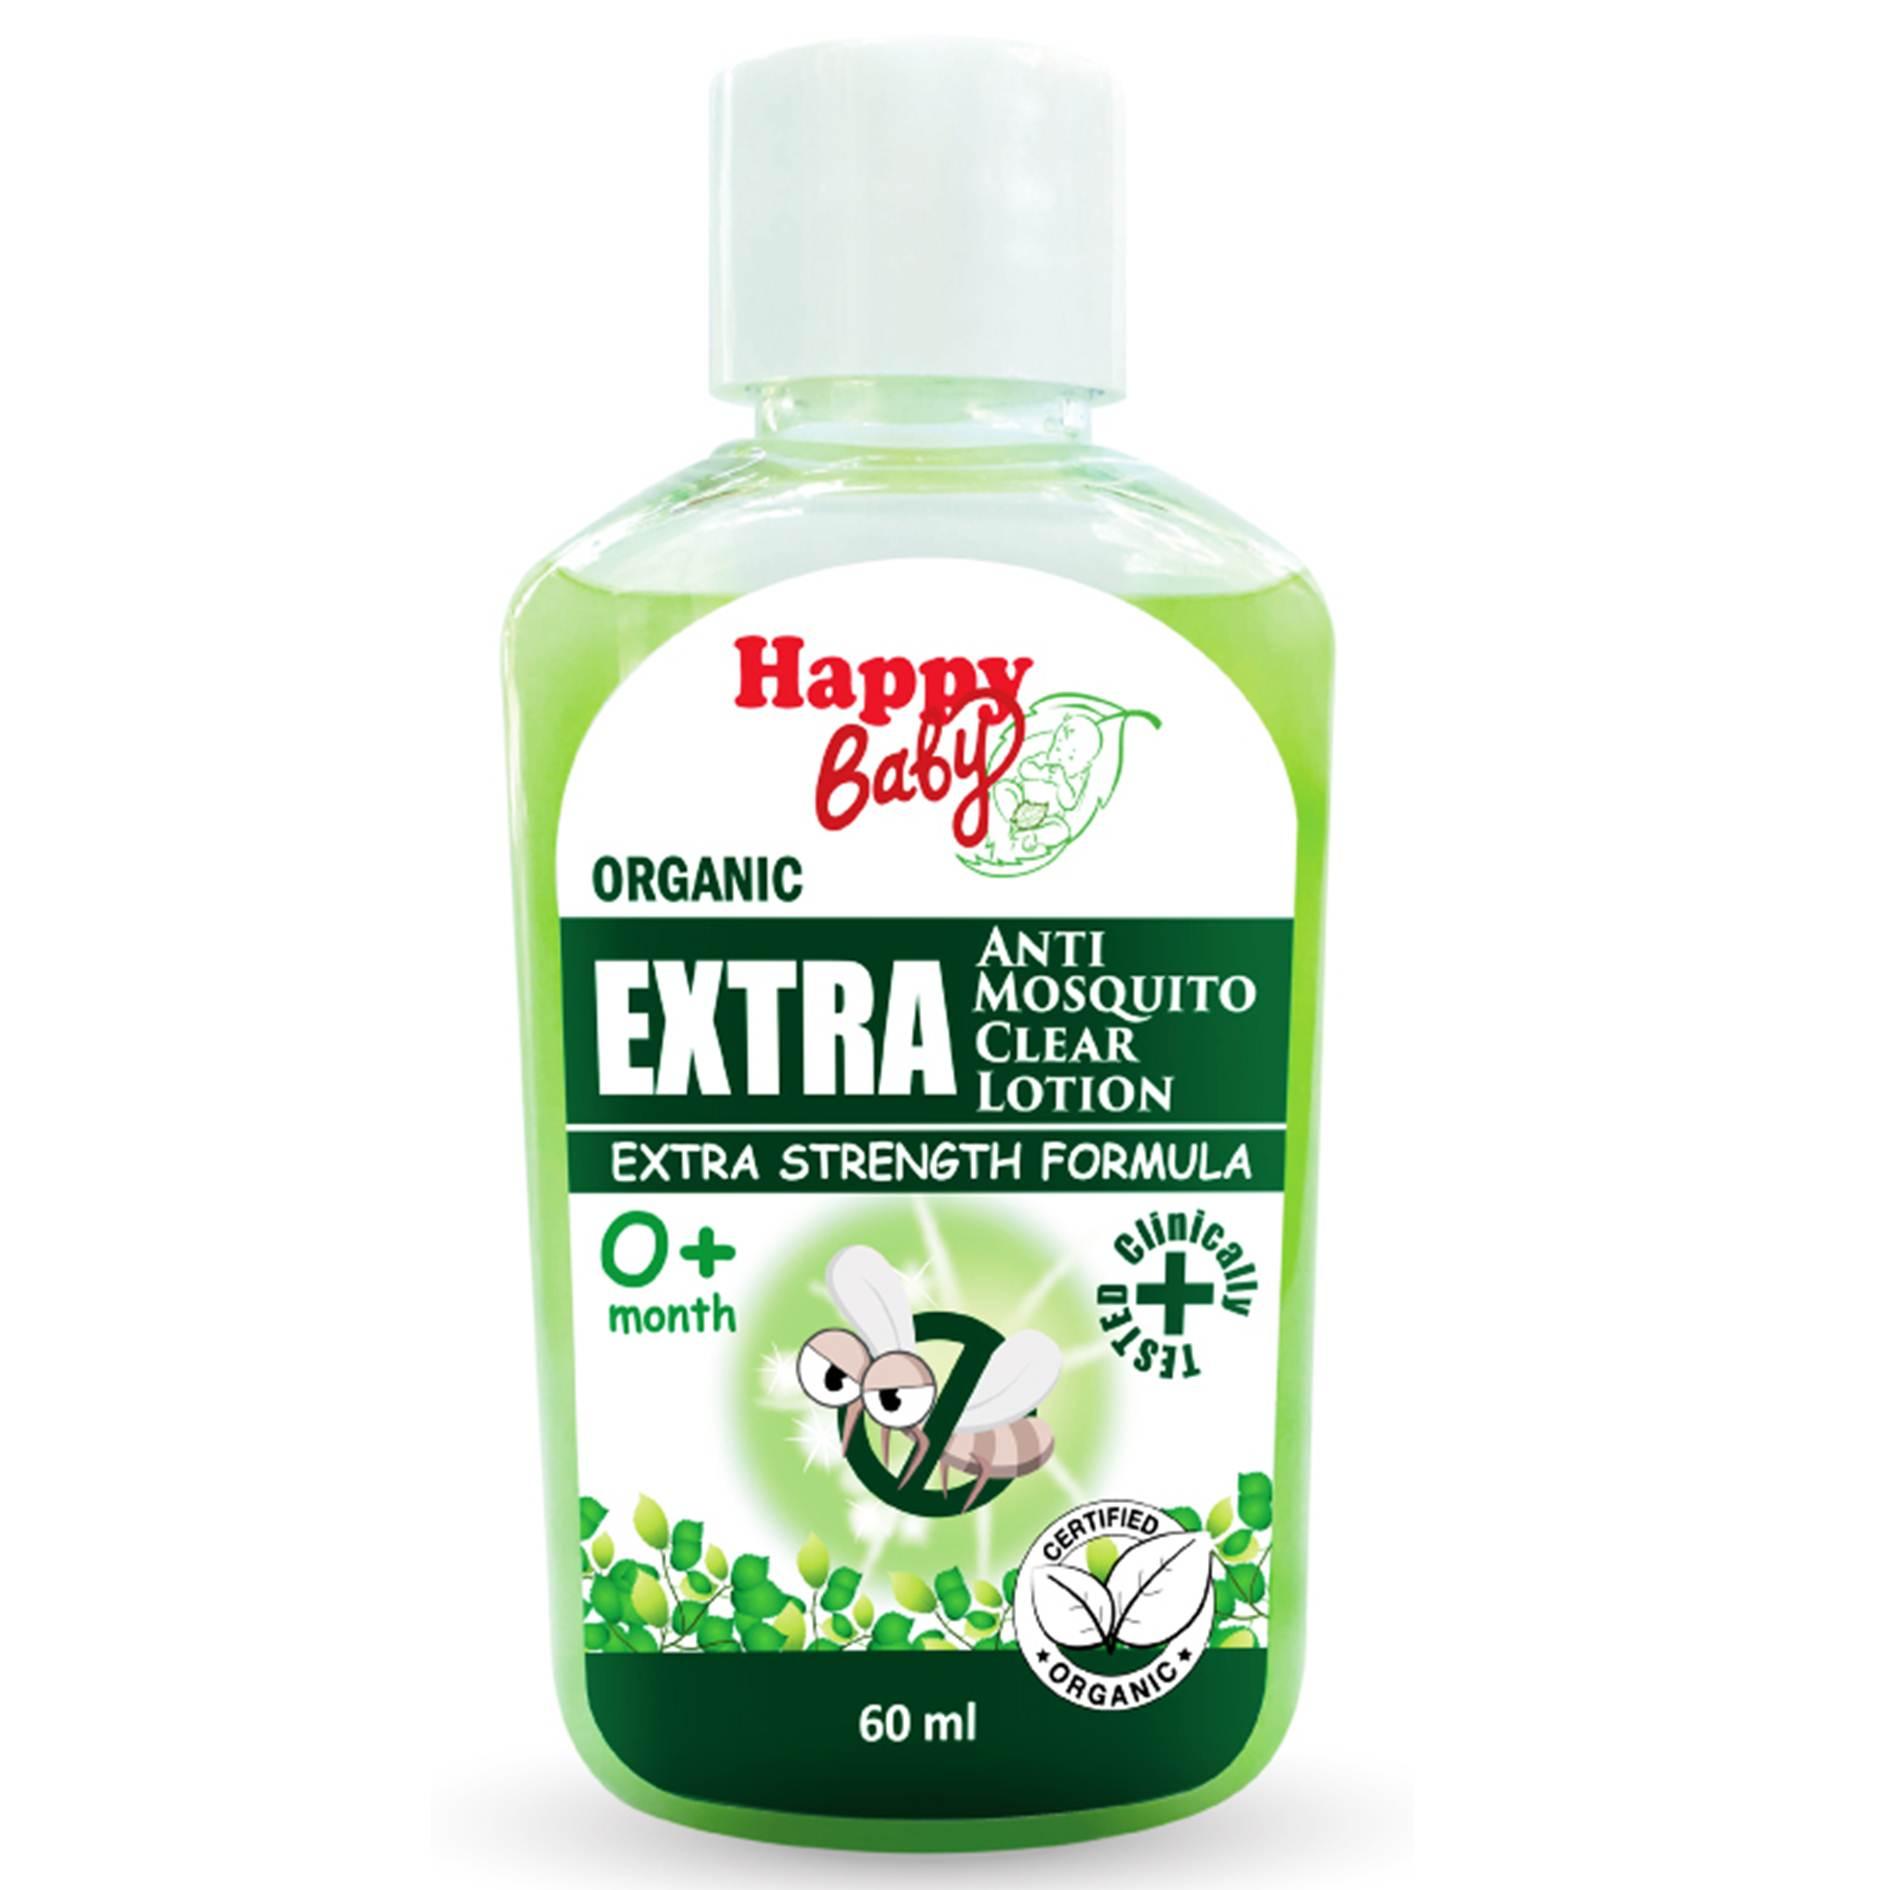 *ส่งฟรี EMS !! Organic Extra Anit-Mosquito Clear Lotion 60ml โลชั่นน้ำป้องกันยุง ชนิดเข้มข้น สำหรับเด็ก